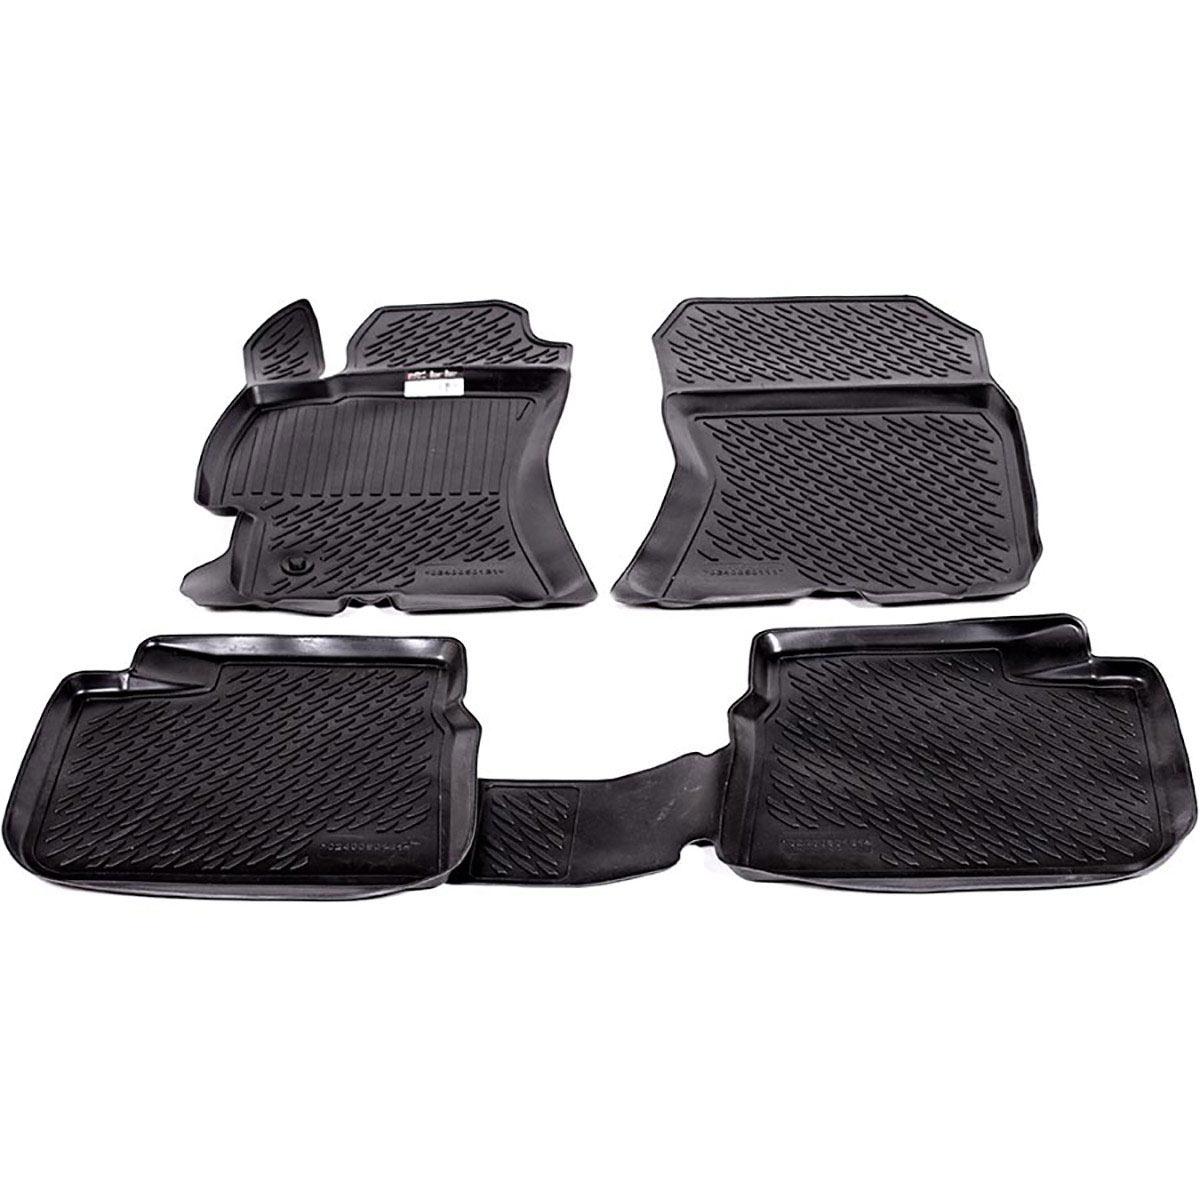 Коврики в салон автомобиля L.Locker, для Subaru Legacy IV sd (03-), 4 шт0240050101Коврики L.Locker производятся индивидуально для каждой модели автомобиля из современного и экологически чистого материала. Изделия точно повторяют геометрию пола автомобиля, имеют высокий борт, обладают повышенной износоустойчивостью, антискользящими свойствами, лишены резкого запаха и сохраняют свои потребительские свойства в широком диапазоне температур (от -50°С до +80°С). Рисунок ковриков специально спроектирован для уменьшения скольжения ног водителя и имеет достаточную глубину, препятствующую свободному перемещению жидкости и грязи на поверхности. Одновременно с этим рисунок не создает дискомфорта при вождении автомобиля. Водительский ковер с предустановленными креплениями фиксируется на штатные места в полу салона автомобиля. Новая технология системы креплений герметична, не дает влаге и грязи проникать внутрь через крепеж на обшивку пола.